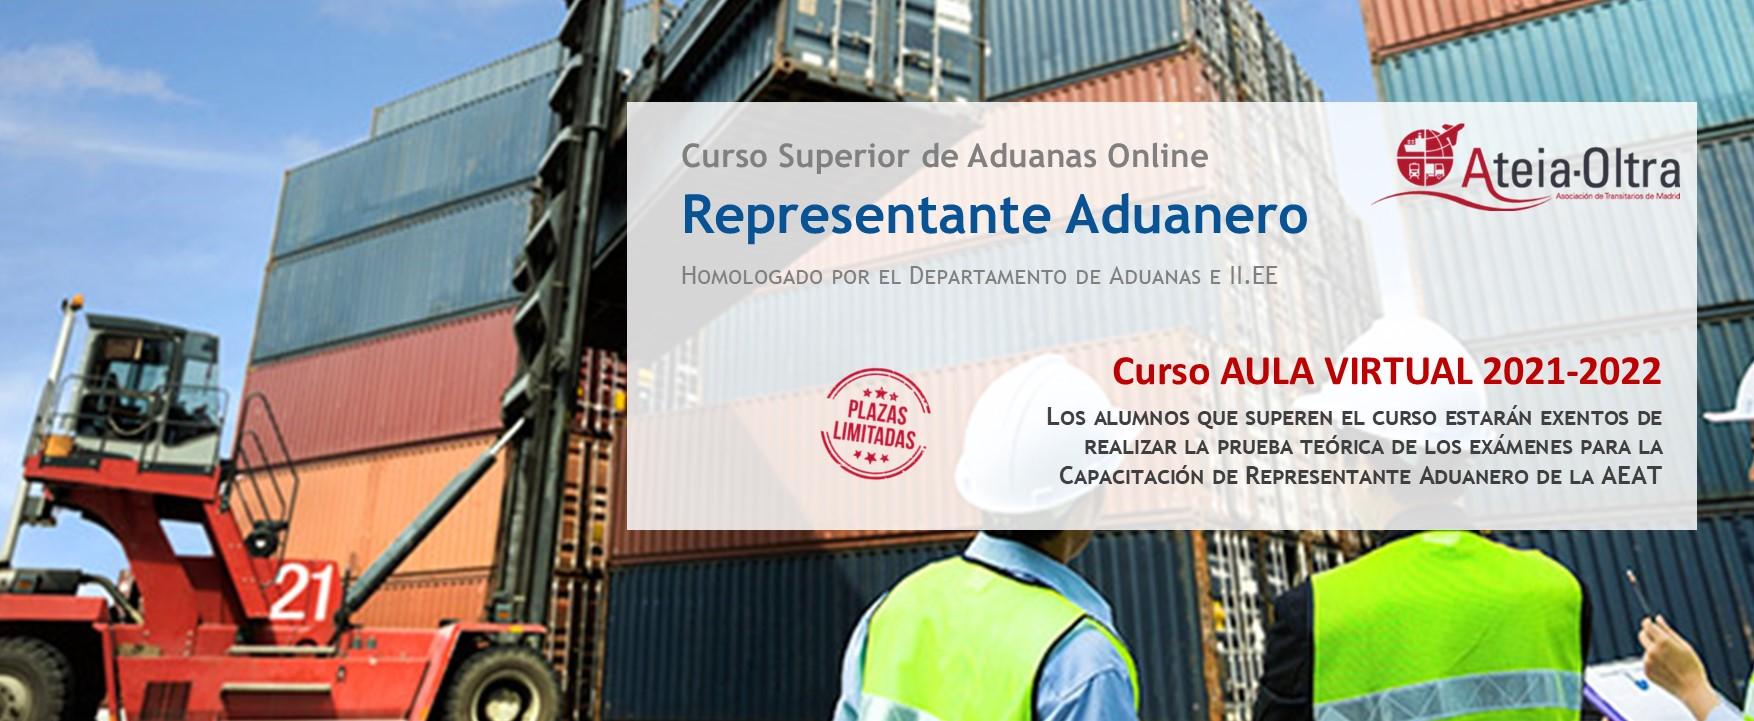 representante-aduanero-madrid-2021-2022